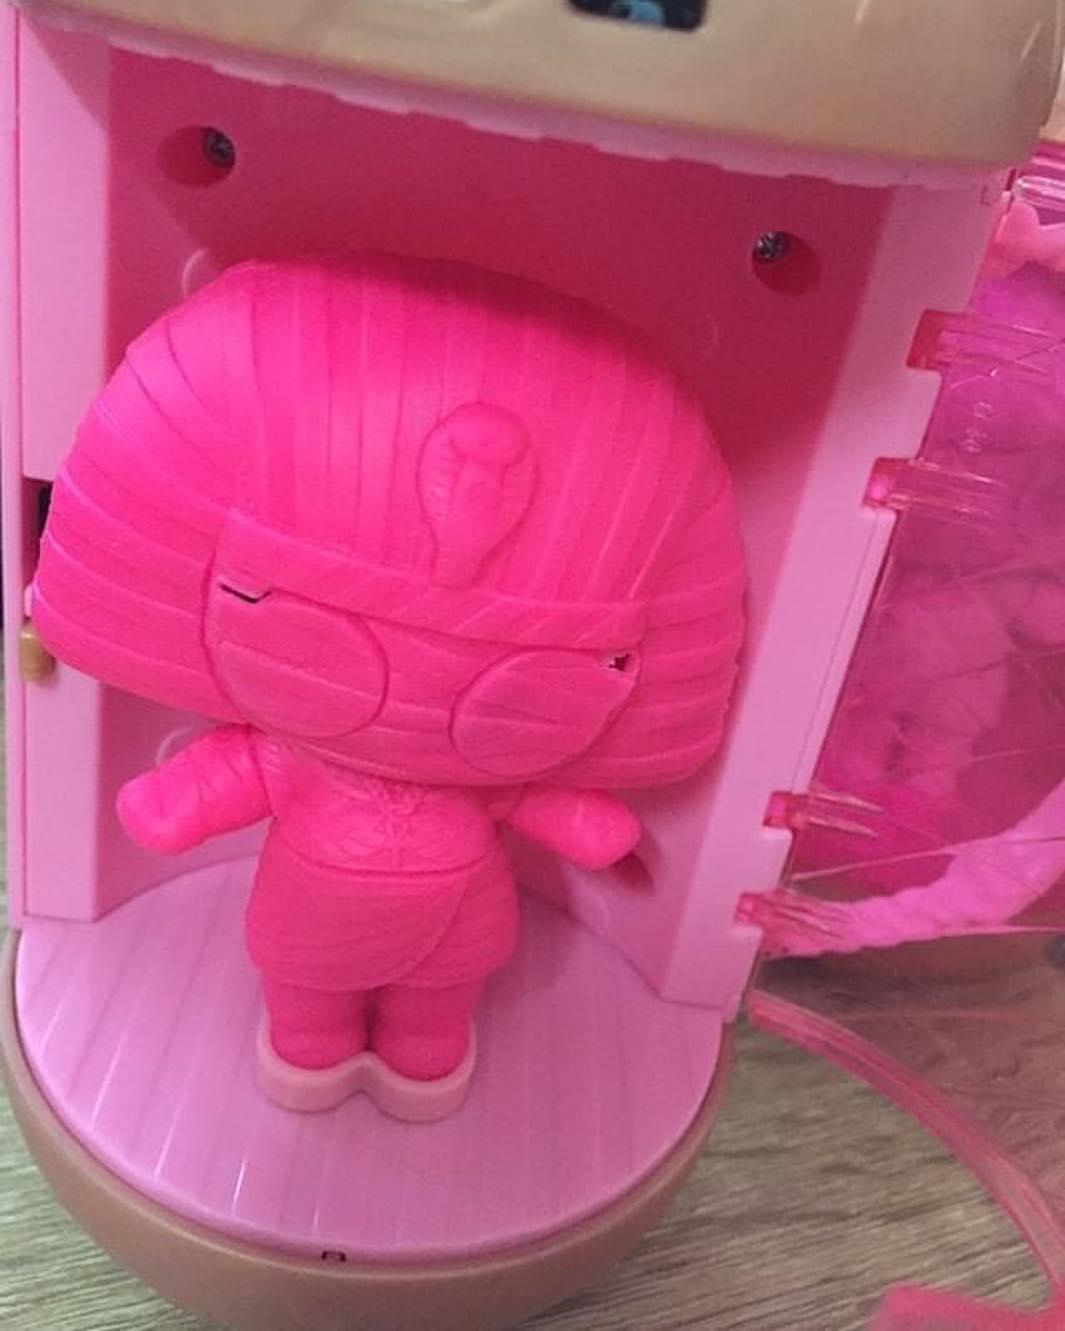 Купить Куклы LOL оптом из Китая, цена на Куклы LOL со